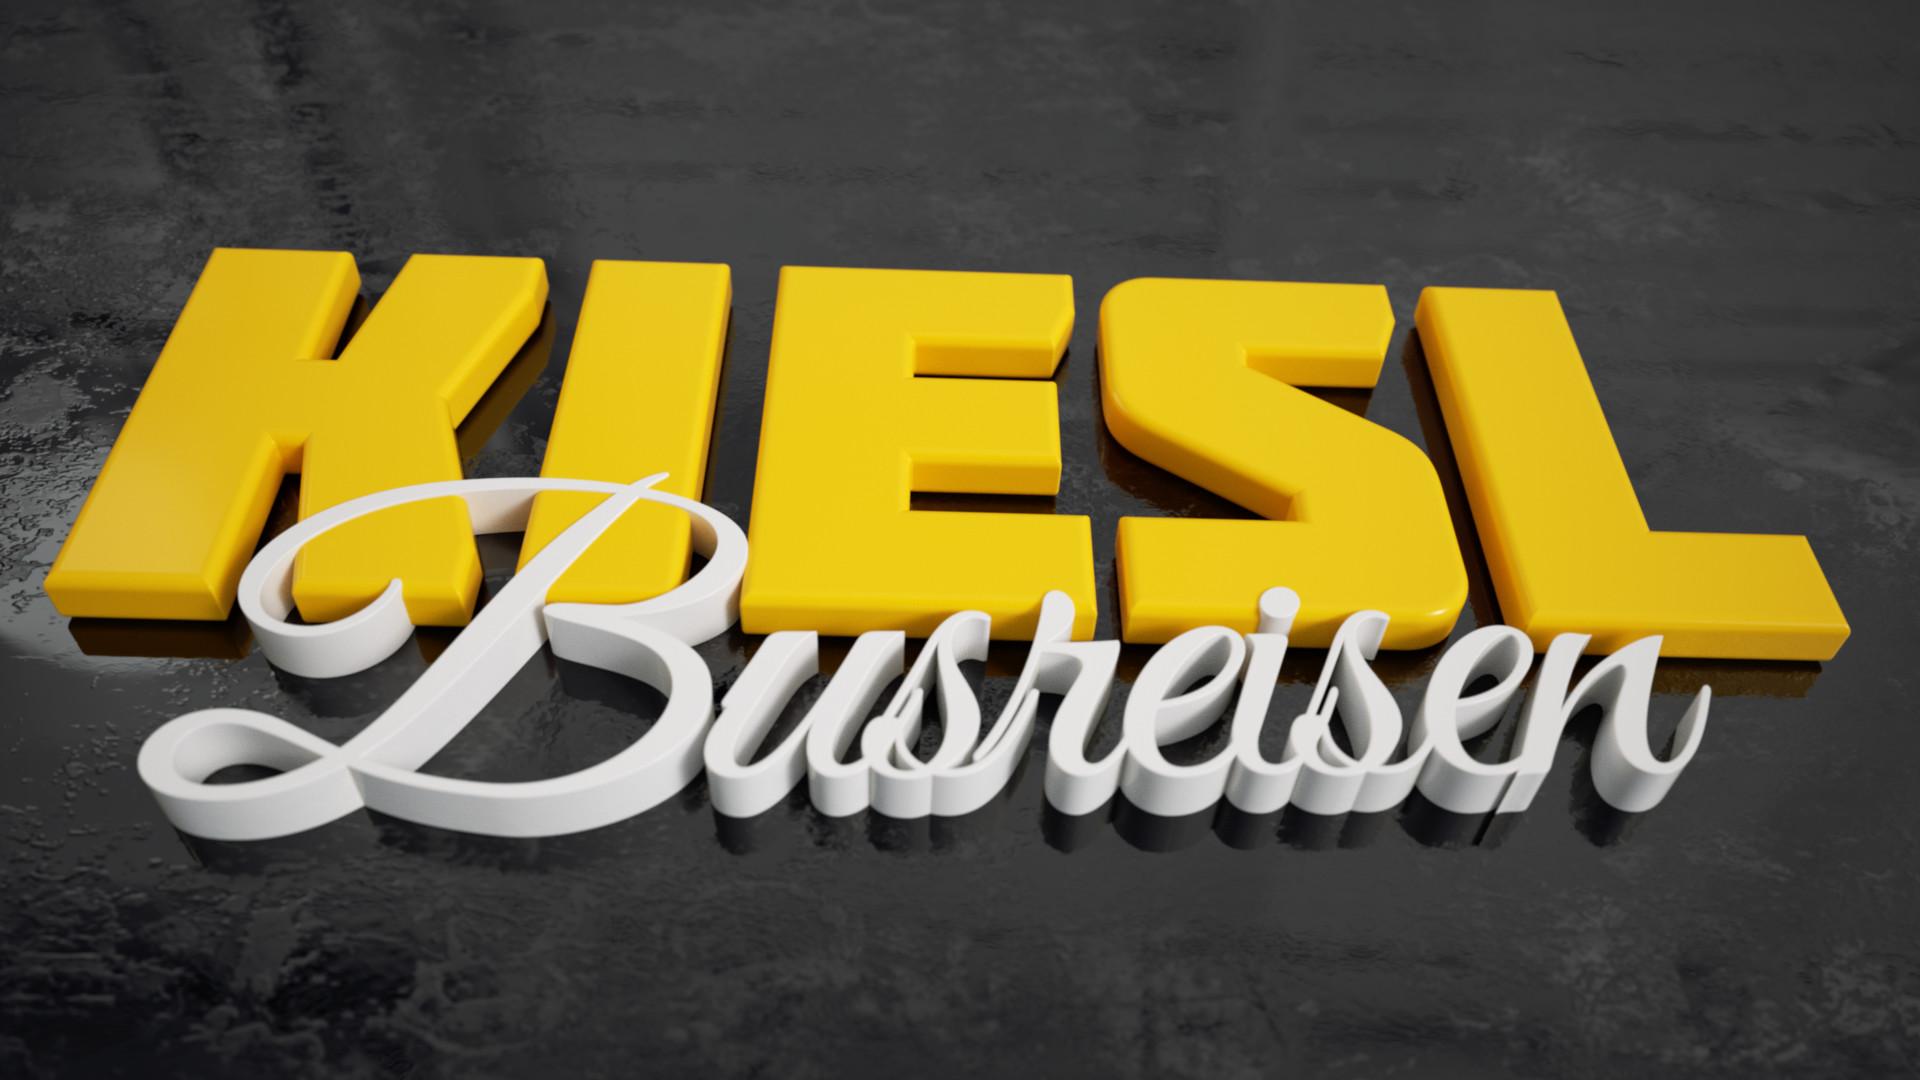 Reinhard kepplinger kiesl logo v4 arion test sl 12 27 min aa2 pixrad 08 gi64 yellow kiesl carpaint cam2